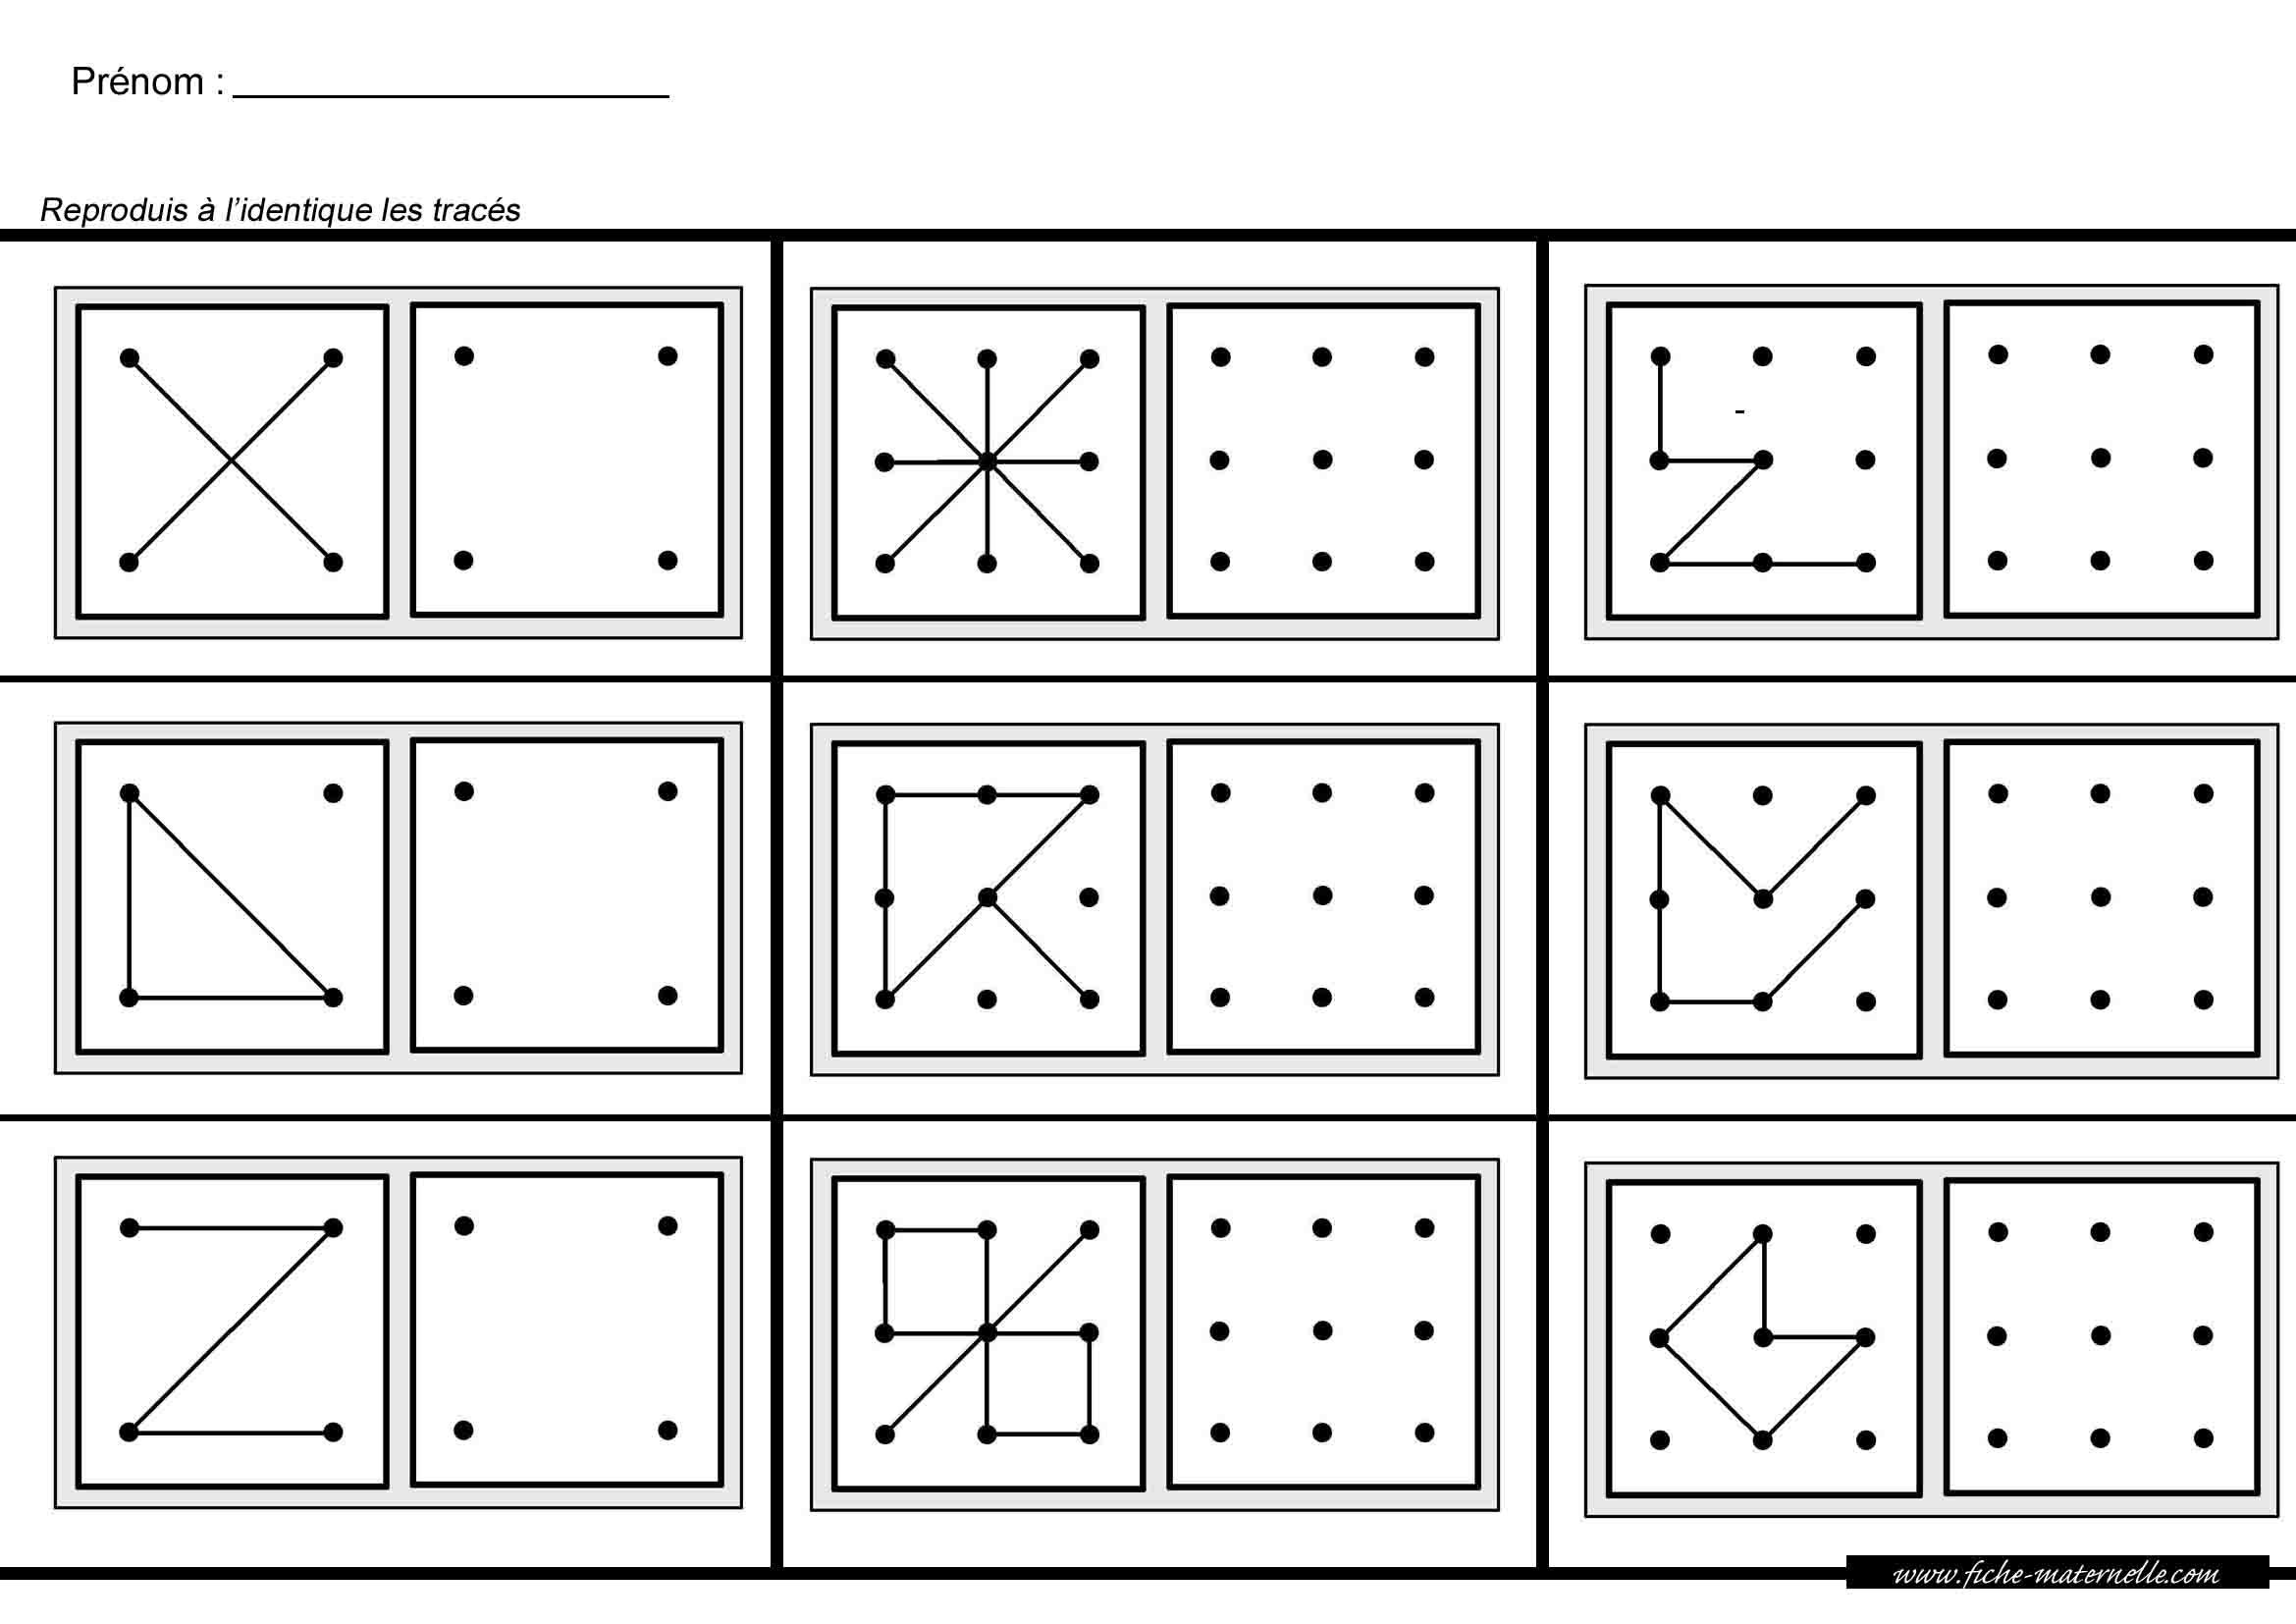 Maternelle Mathématiques Et Géométrie pour Reproduire Une Figure